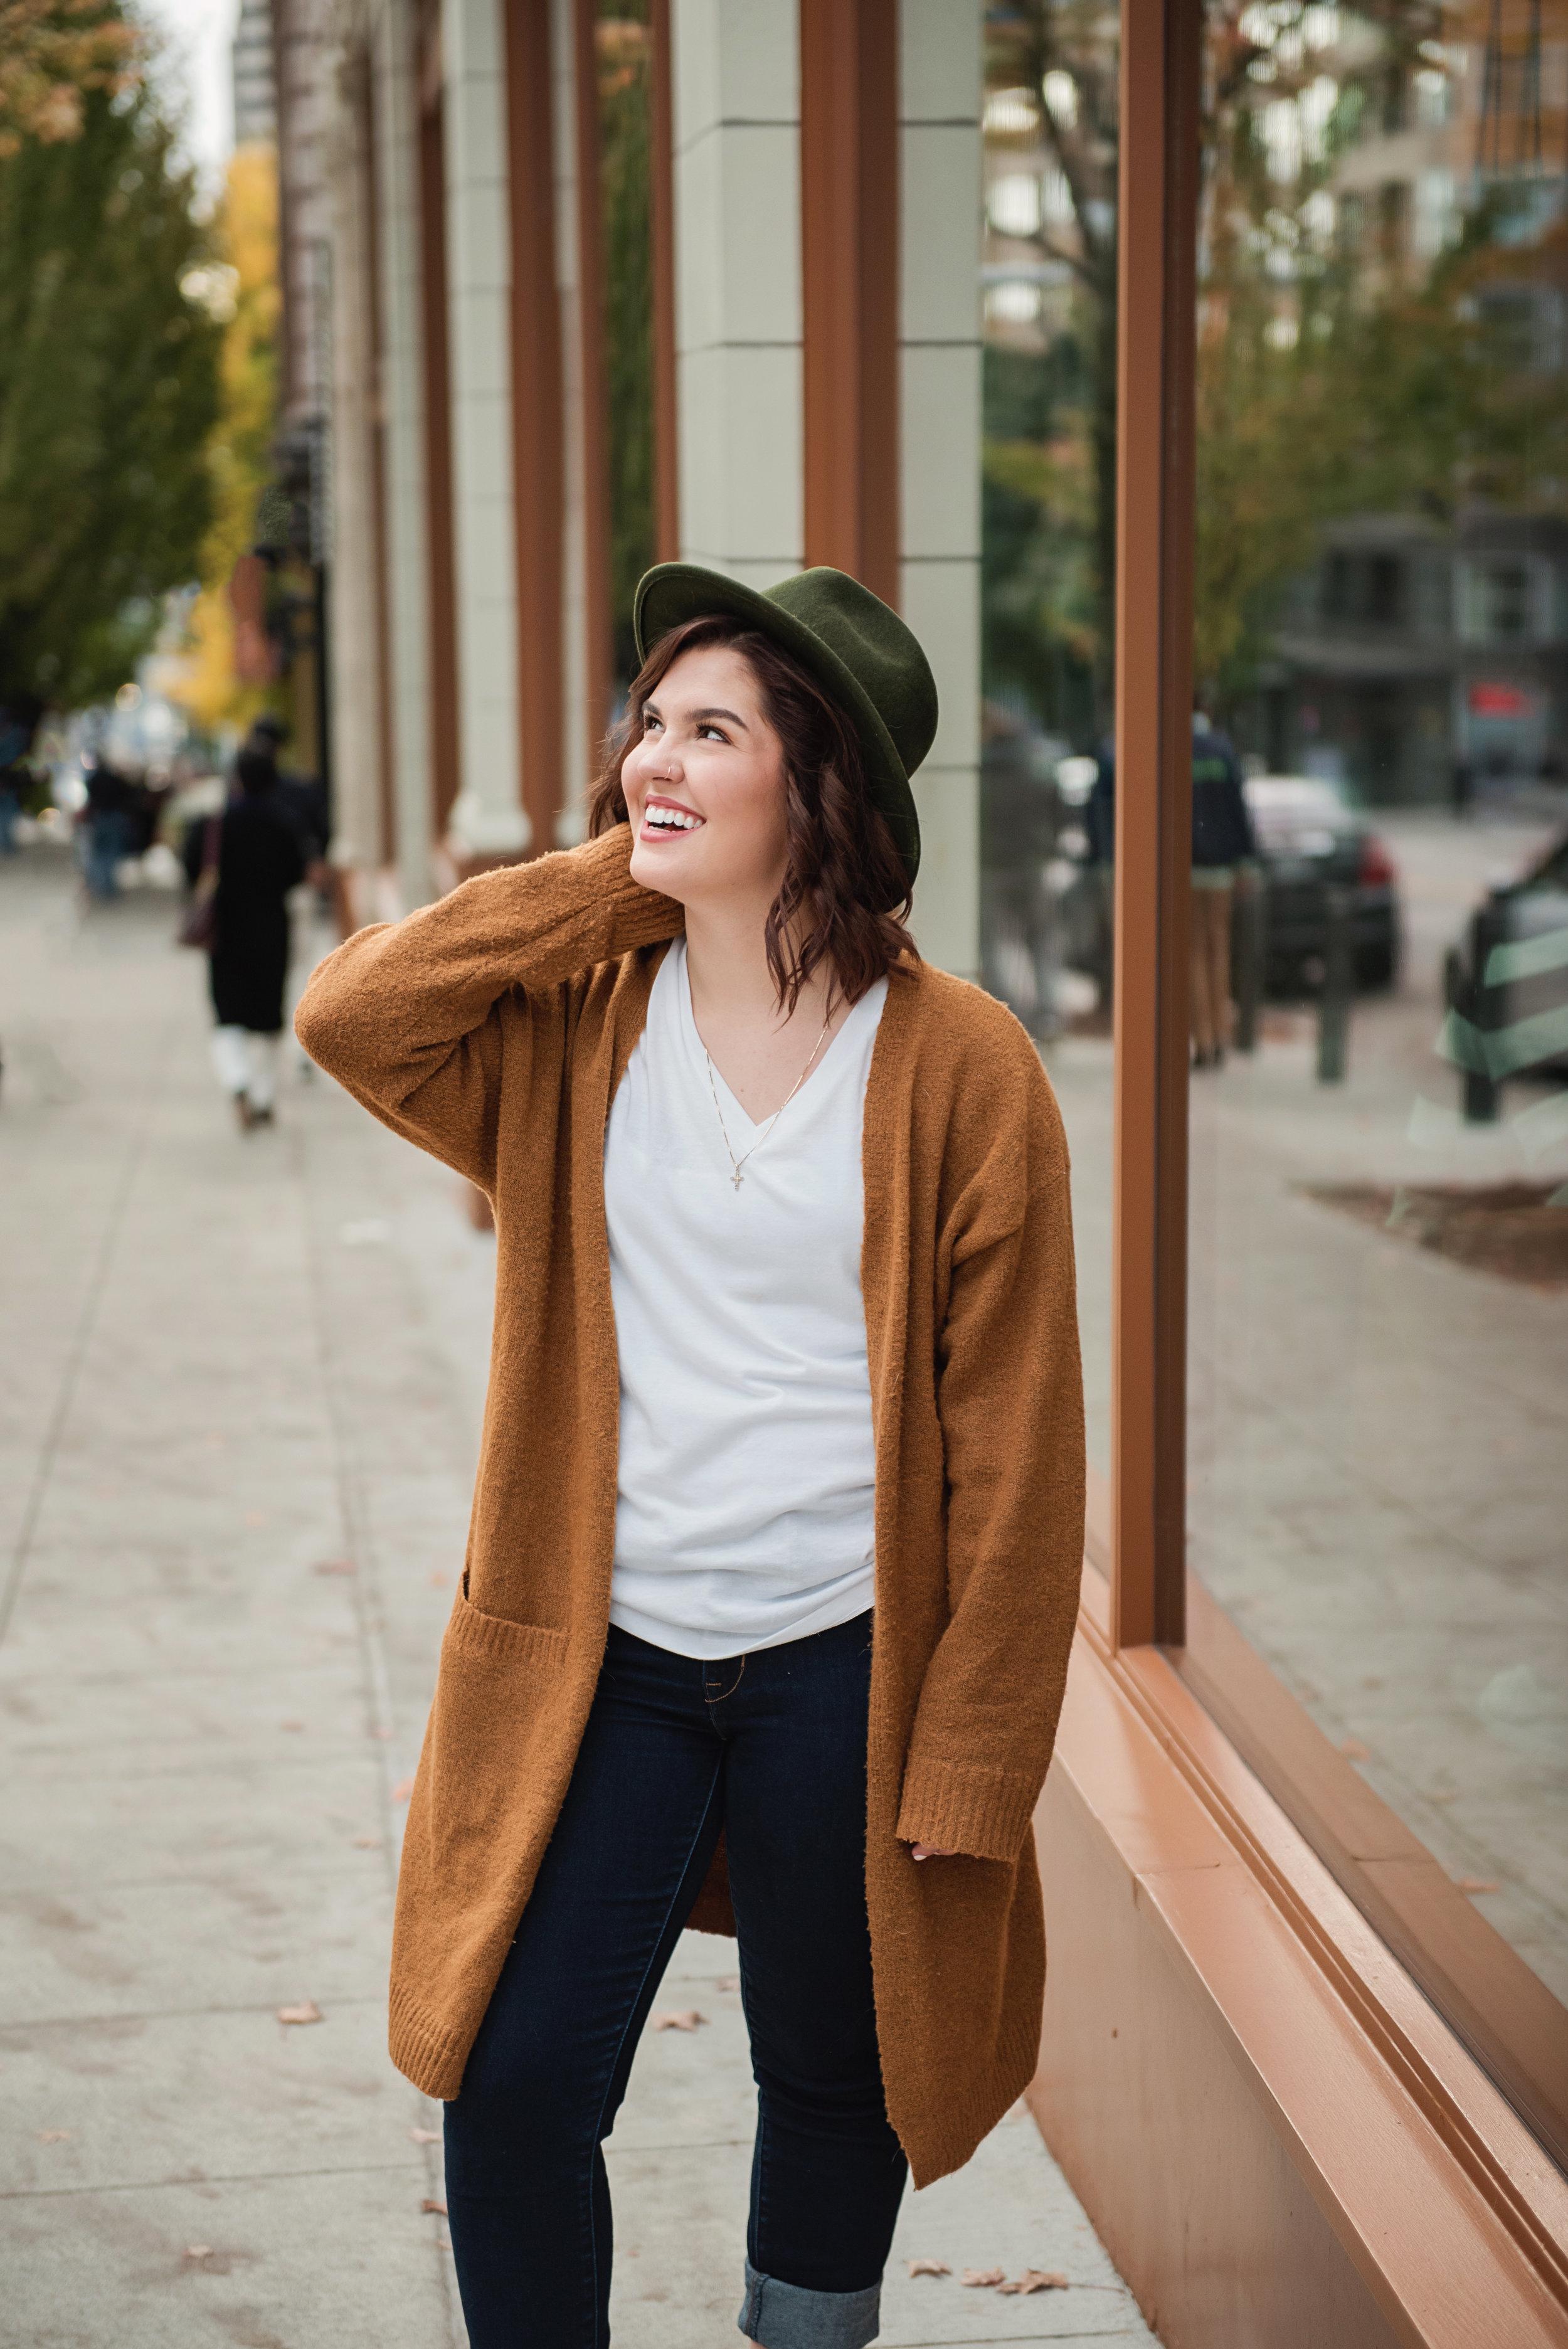 Mary Vance Photography Senior Girl Sammamish Washington  Seattle Hat Fall